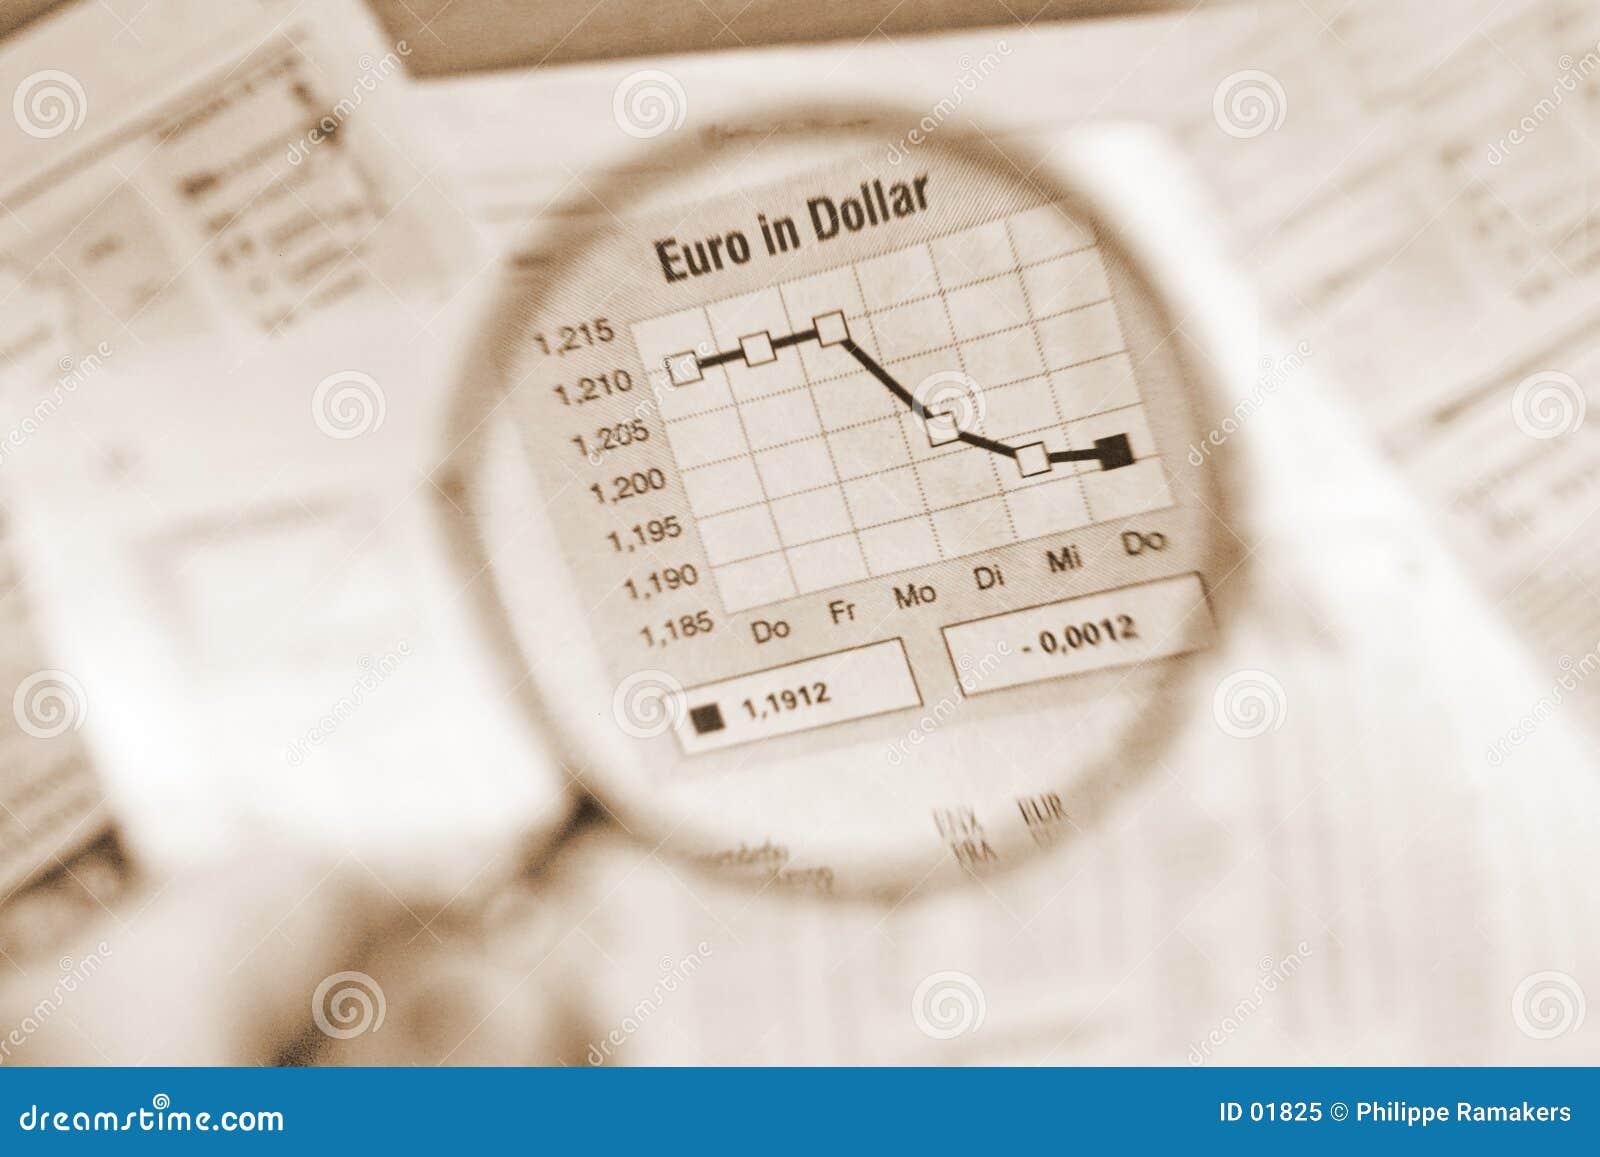 Euro no dólar